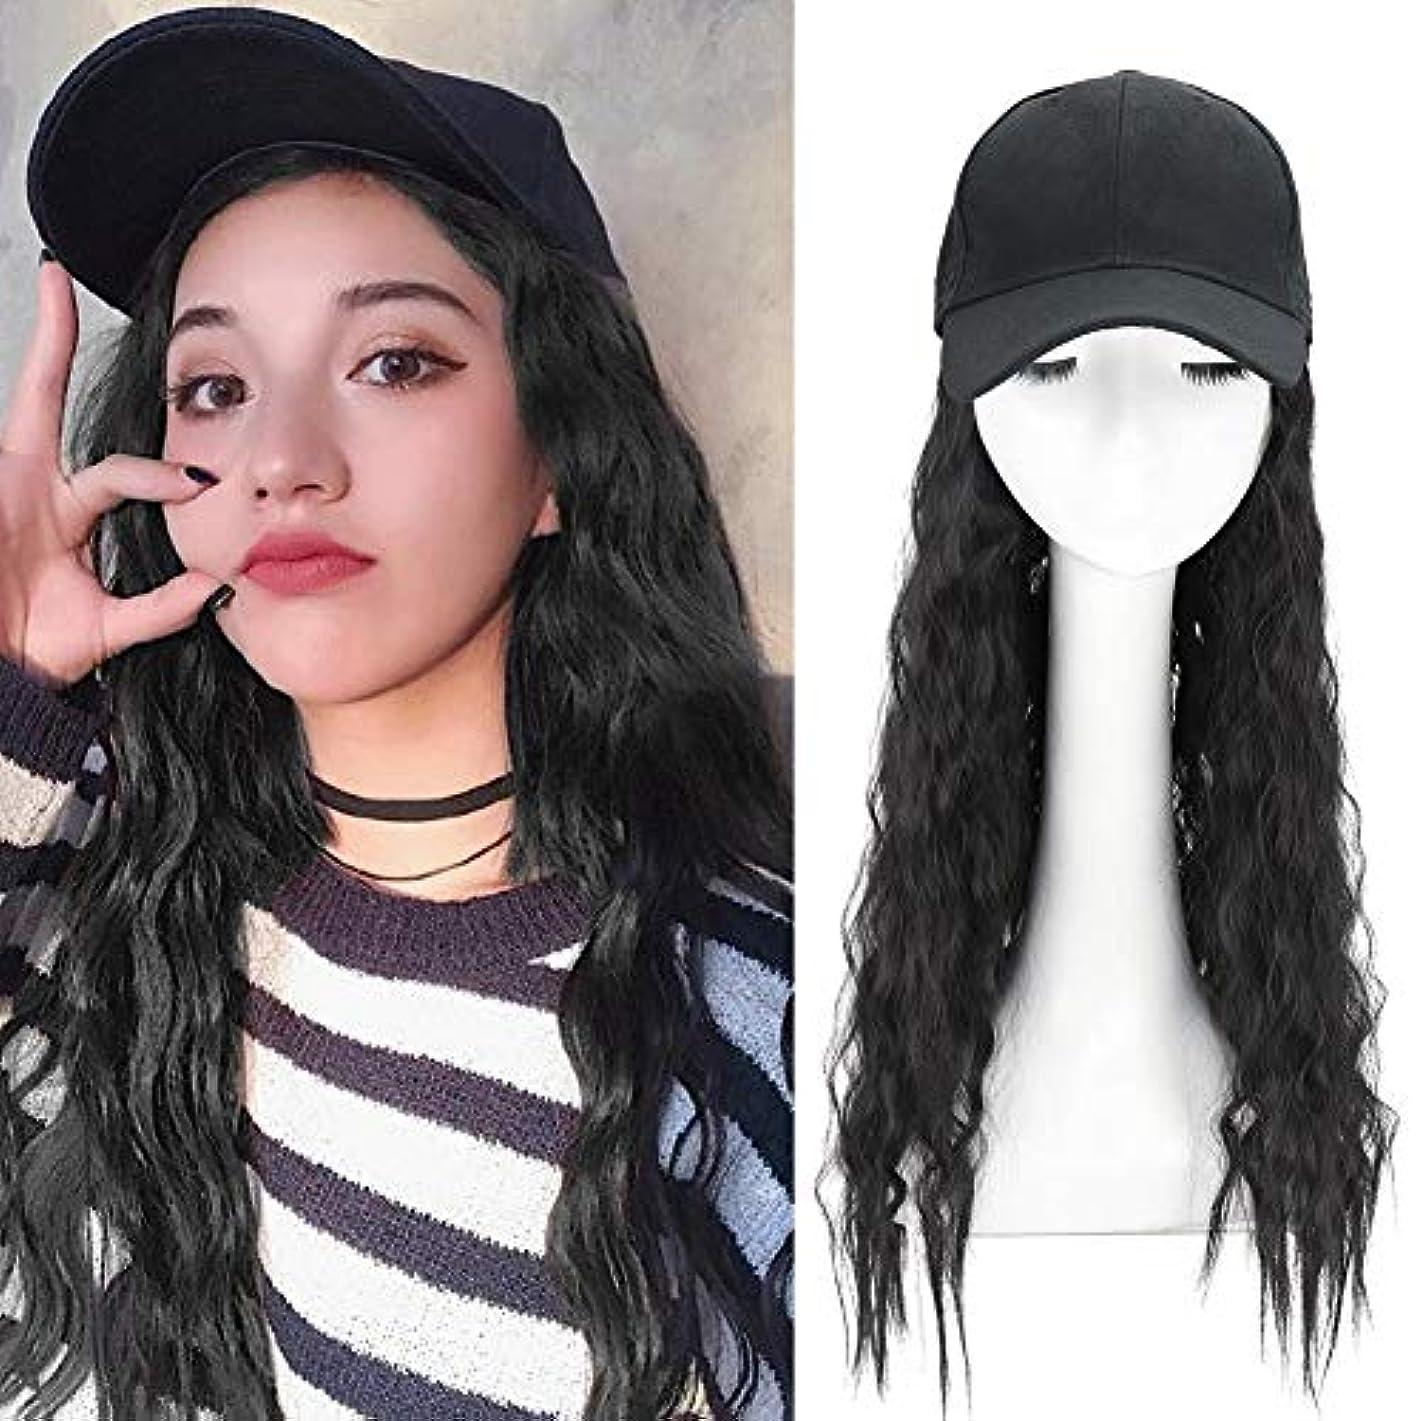 池三角盲目長い巻き毛を持つ合成長波野球帽合成毛を持つ波状かつらキャップ女の子のための髪を持つ調整可能な野球帽帽子